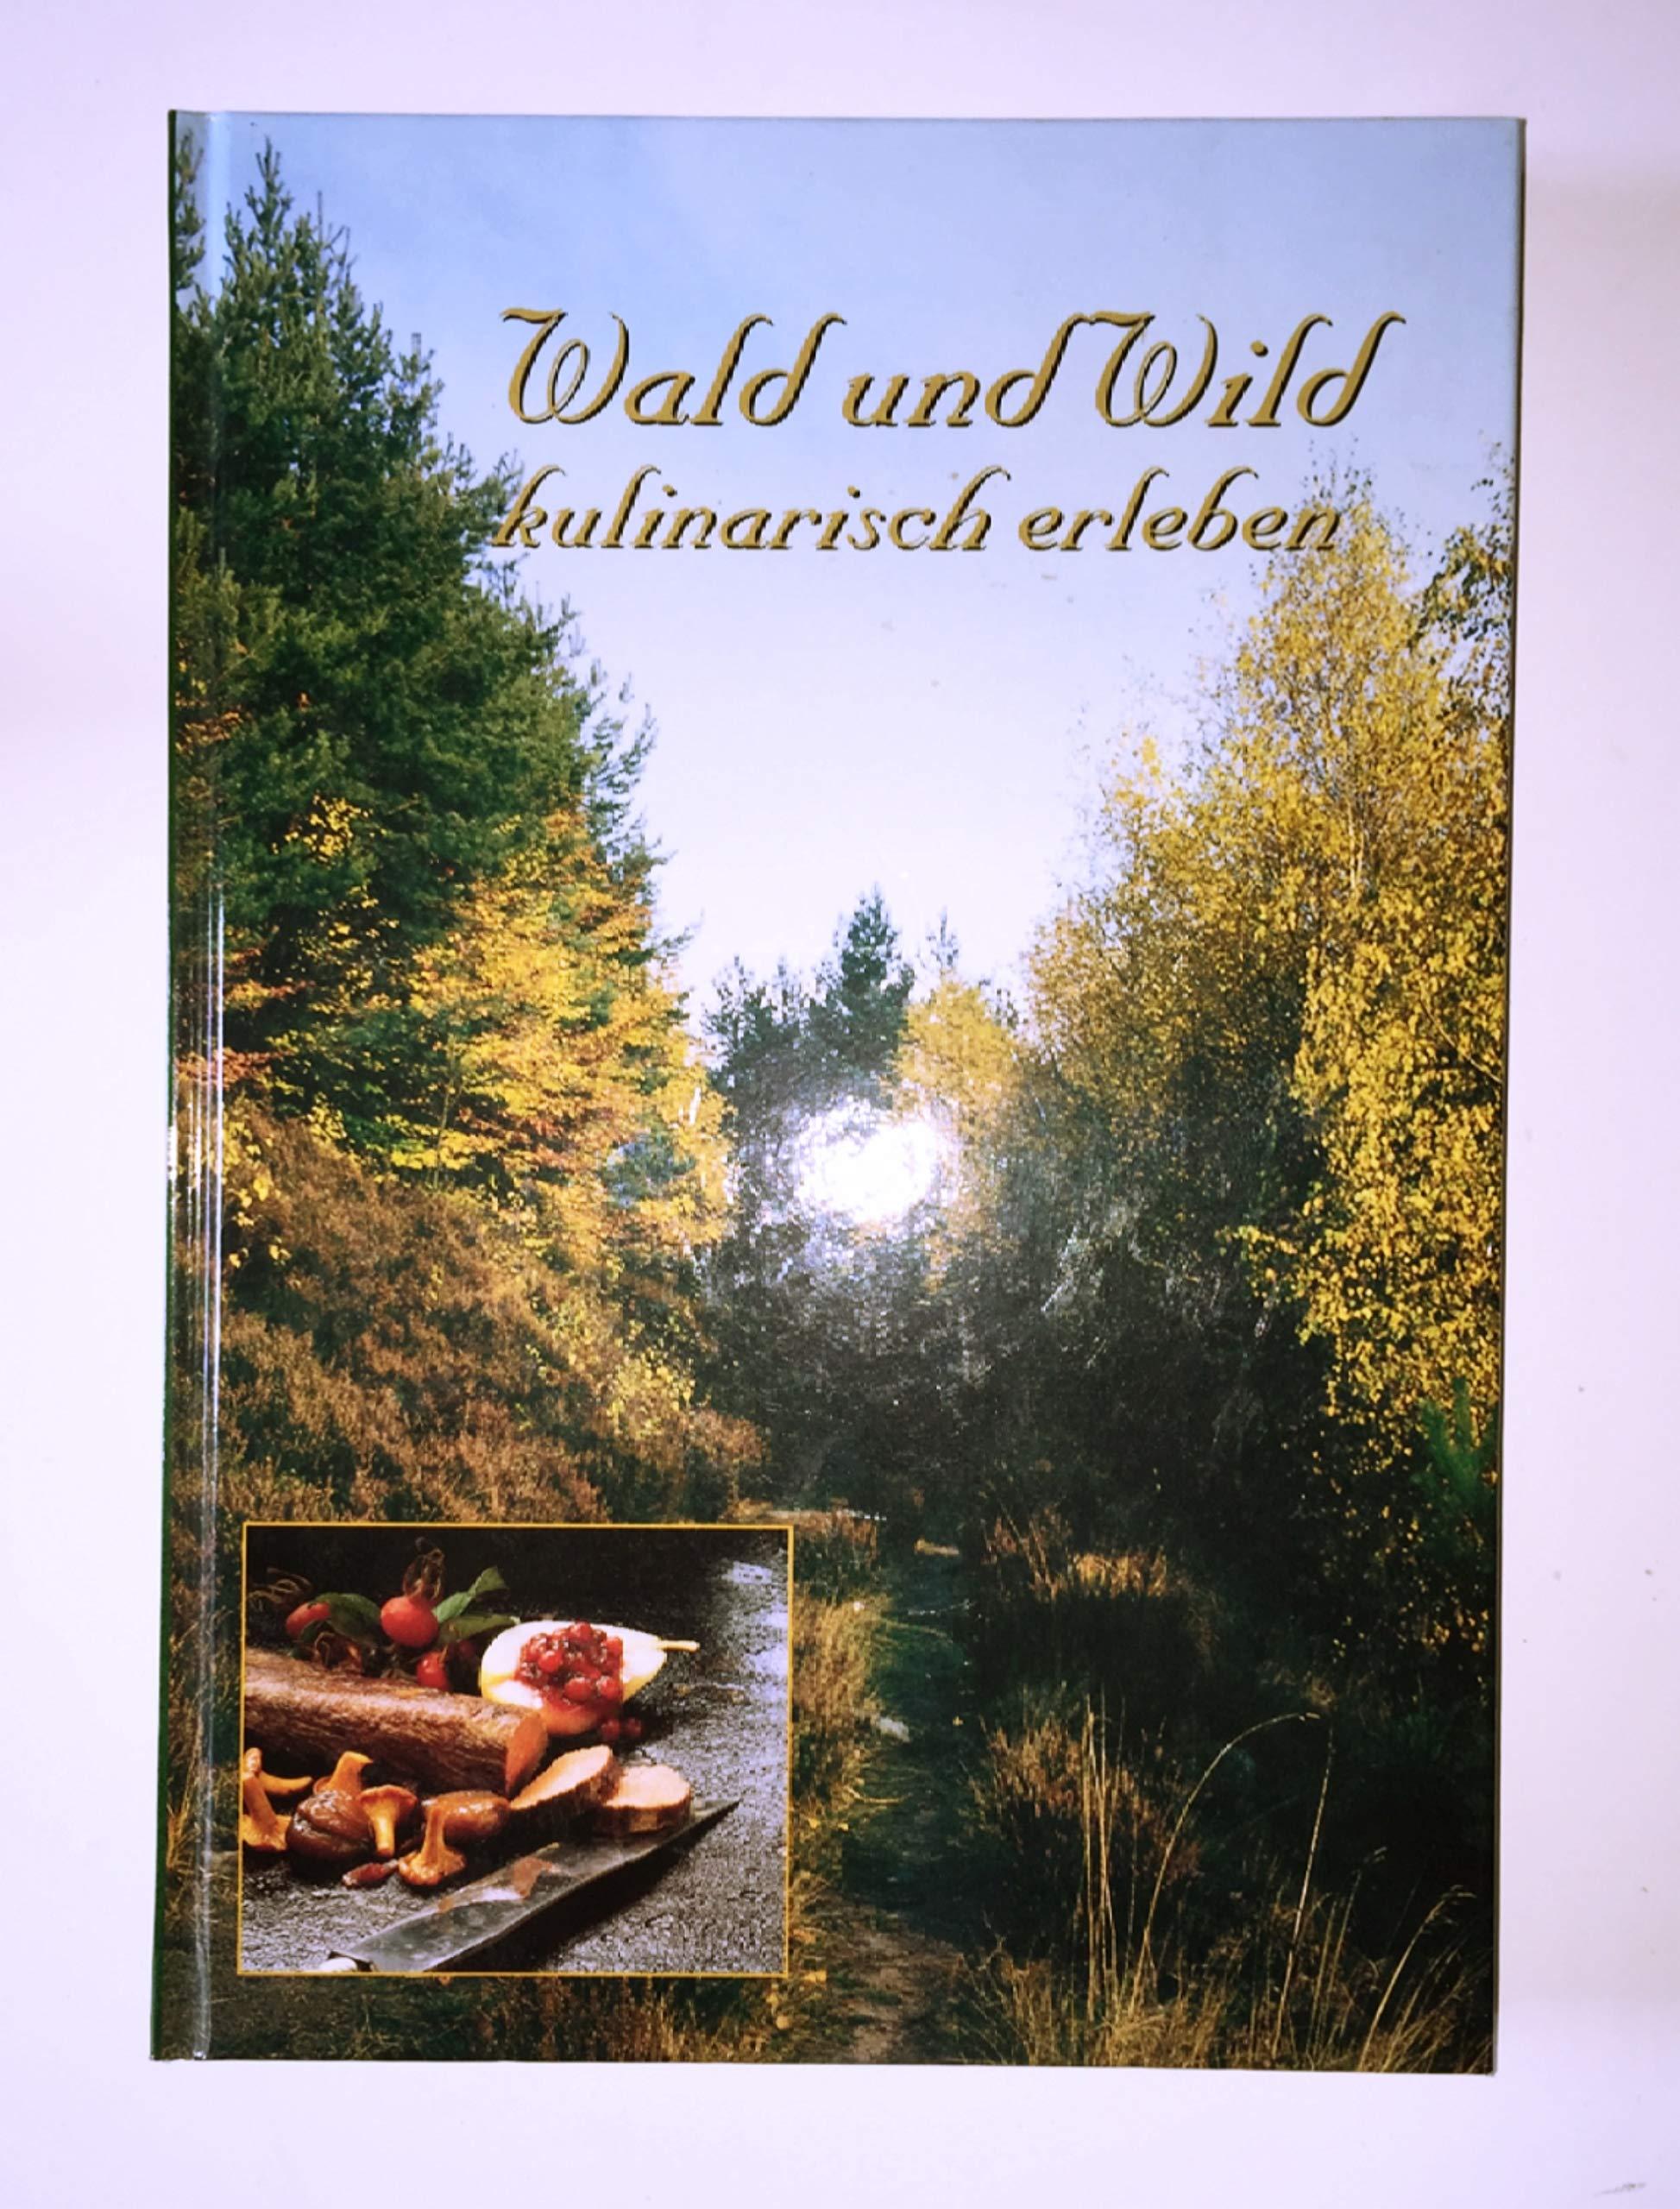 Wald und Wild kulinarisch erleben: Ausprobierte Rezepte gesammelt von Jägern und Förstern